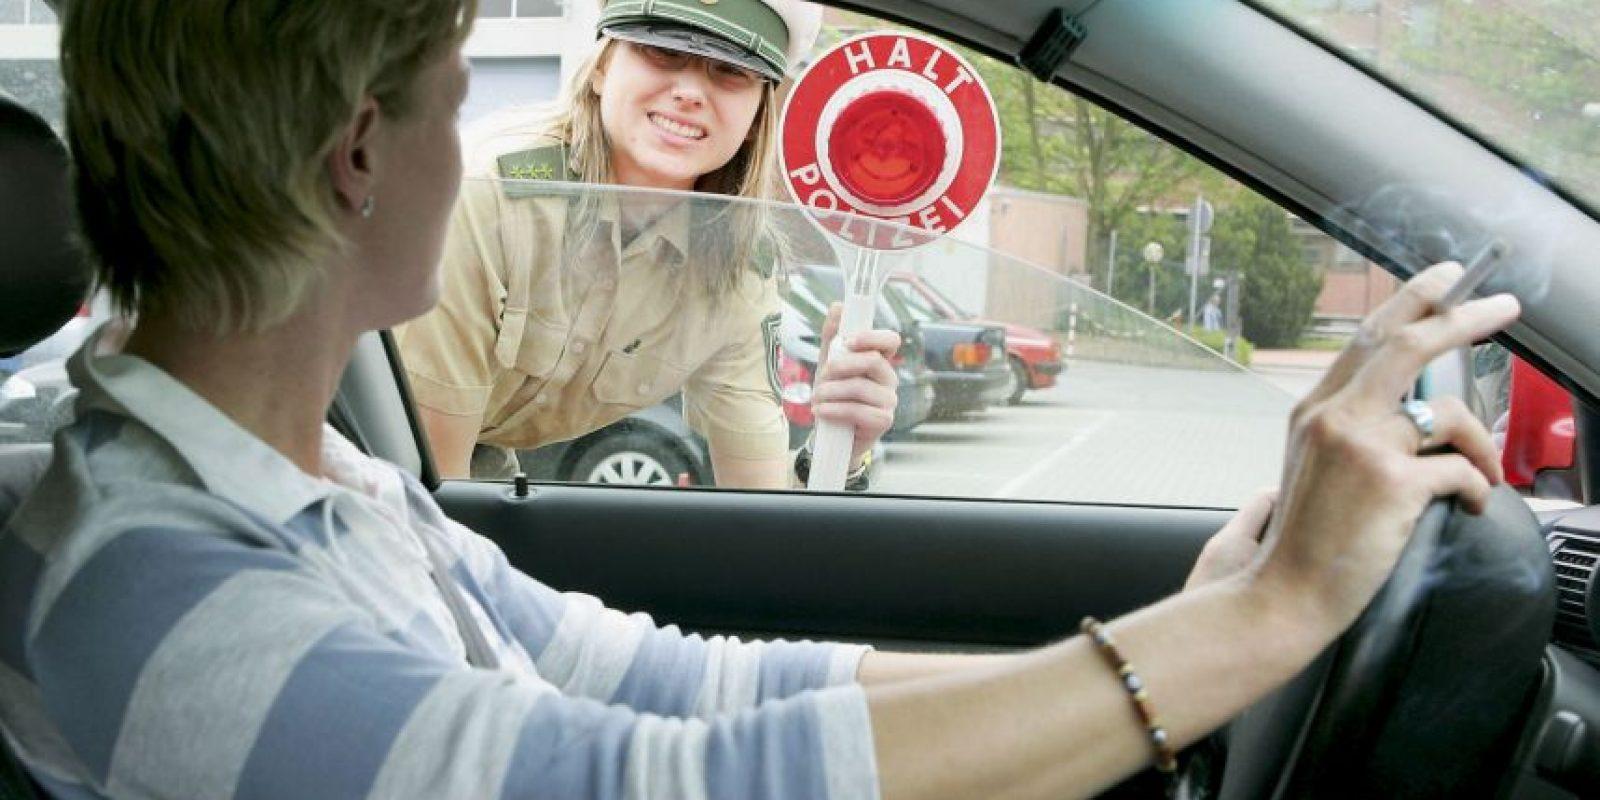 4. Revisar frecuentemente sus espejos y anticipar lo que los otros conductores harán es el paso más importante para convertirse en un conductor atento y seguro. Foto:Getty Images